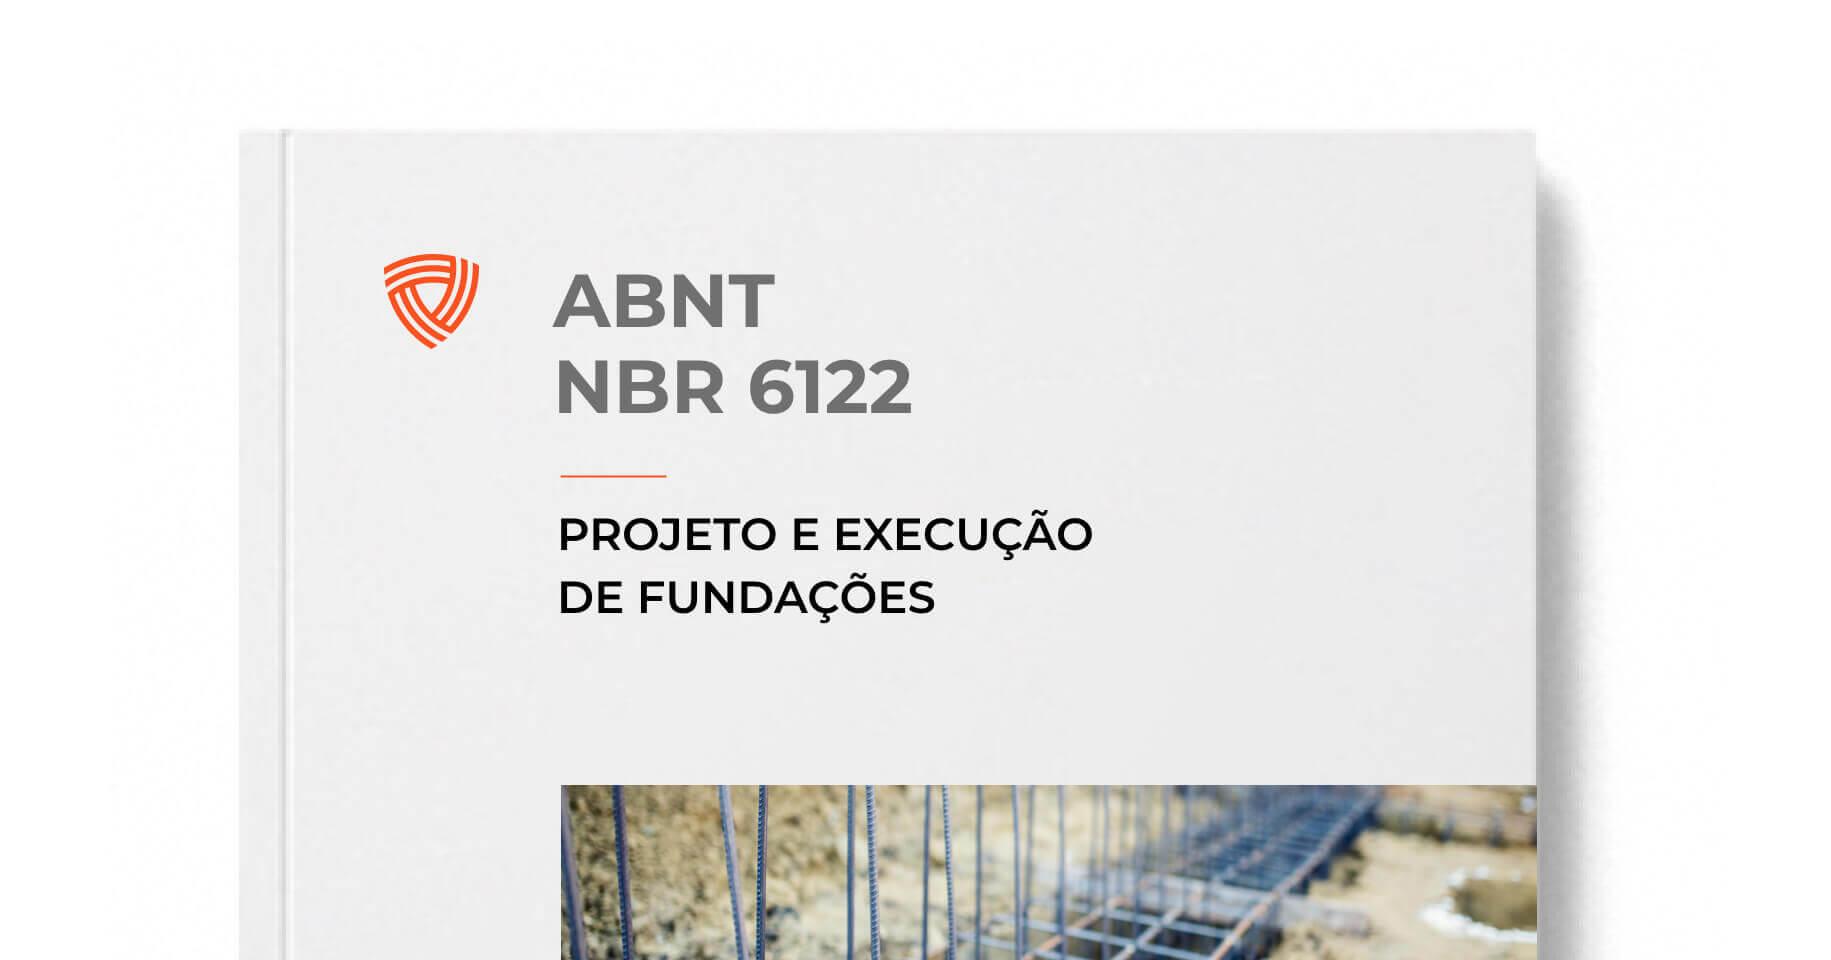 ABNT NBR 6122 - Projeto e Execução de Fundações